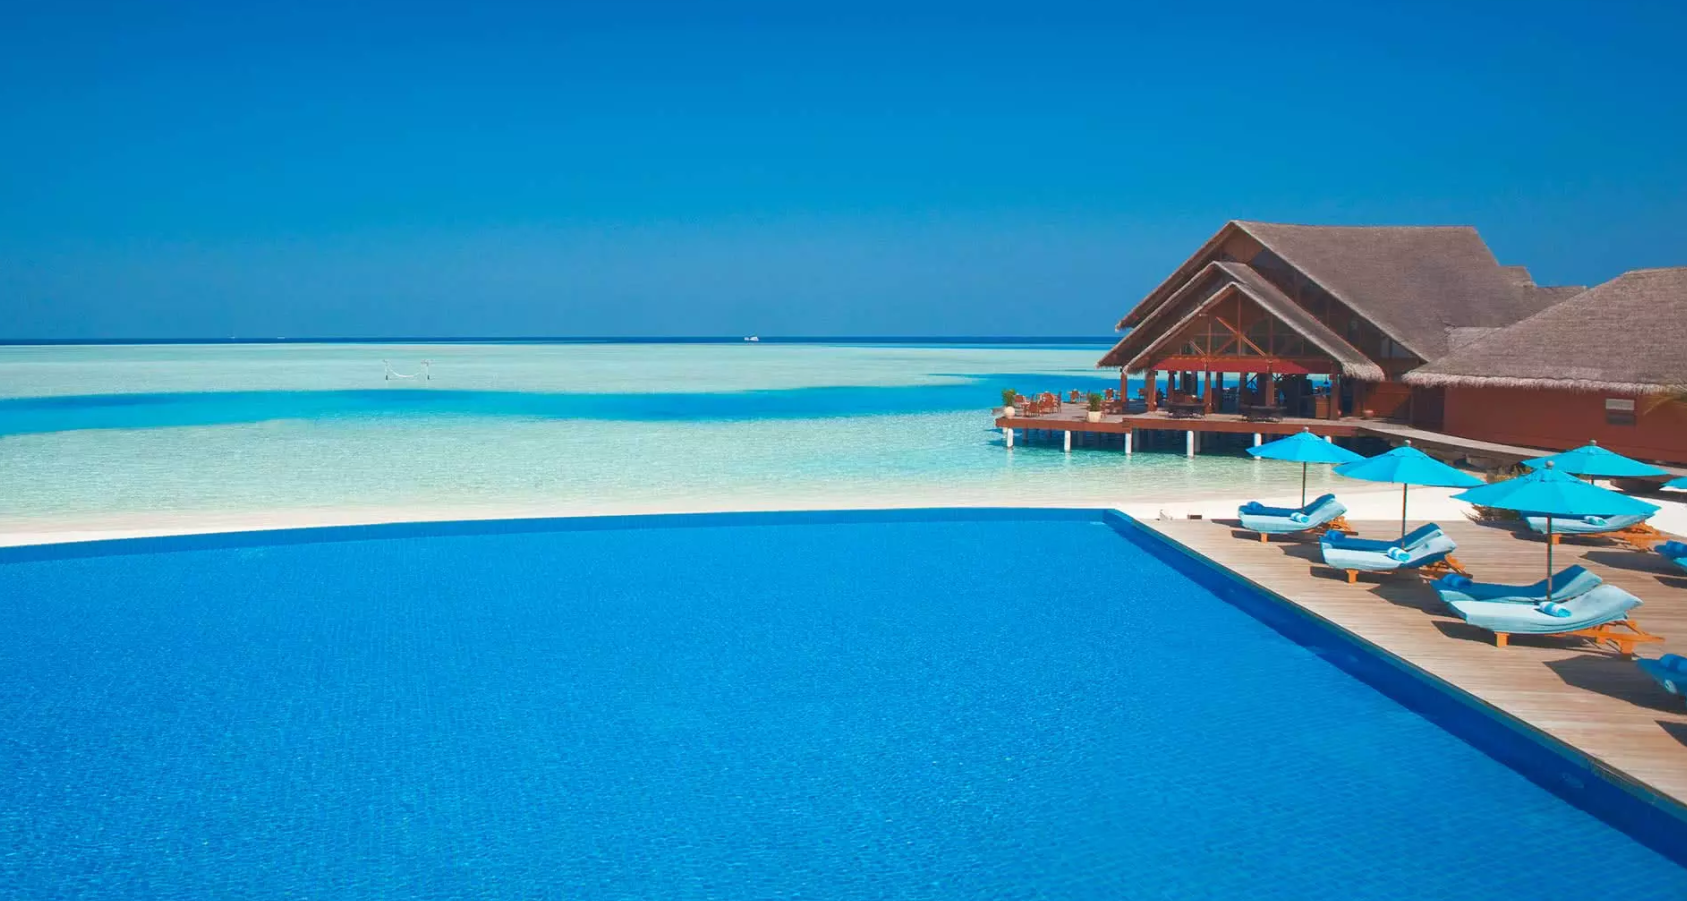 笛古岛D岛(安娜塔拉) Anantara Dhigu ,马尔代夫风景图片集:沙滩beach与海水water太美,泳池pool与水上活动watersport好玩